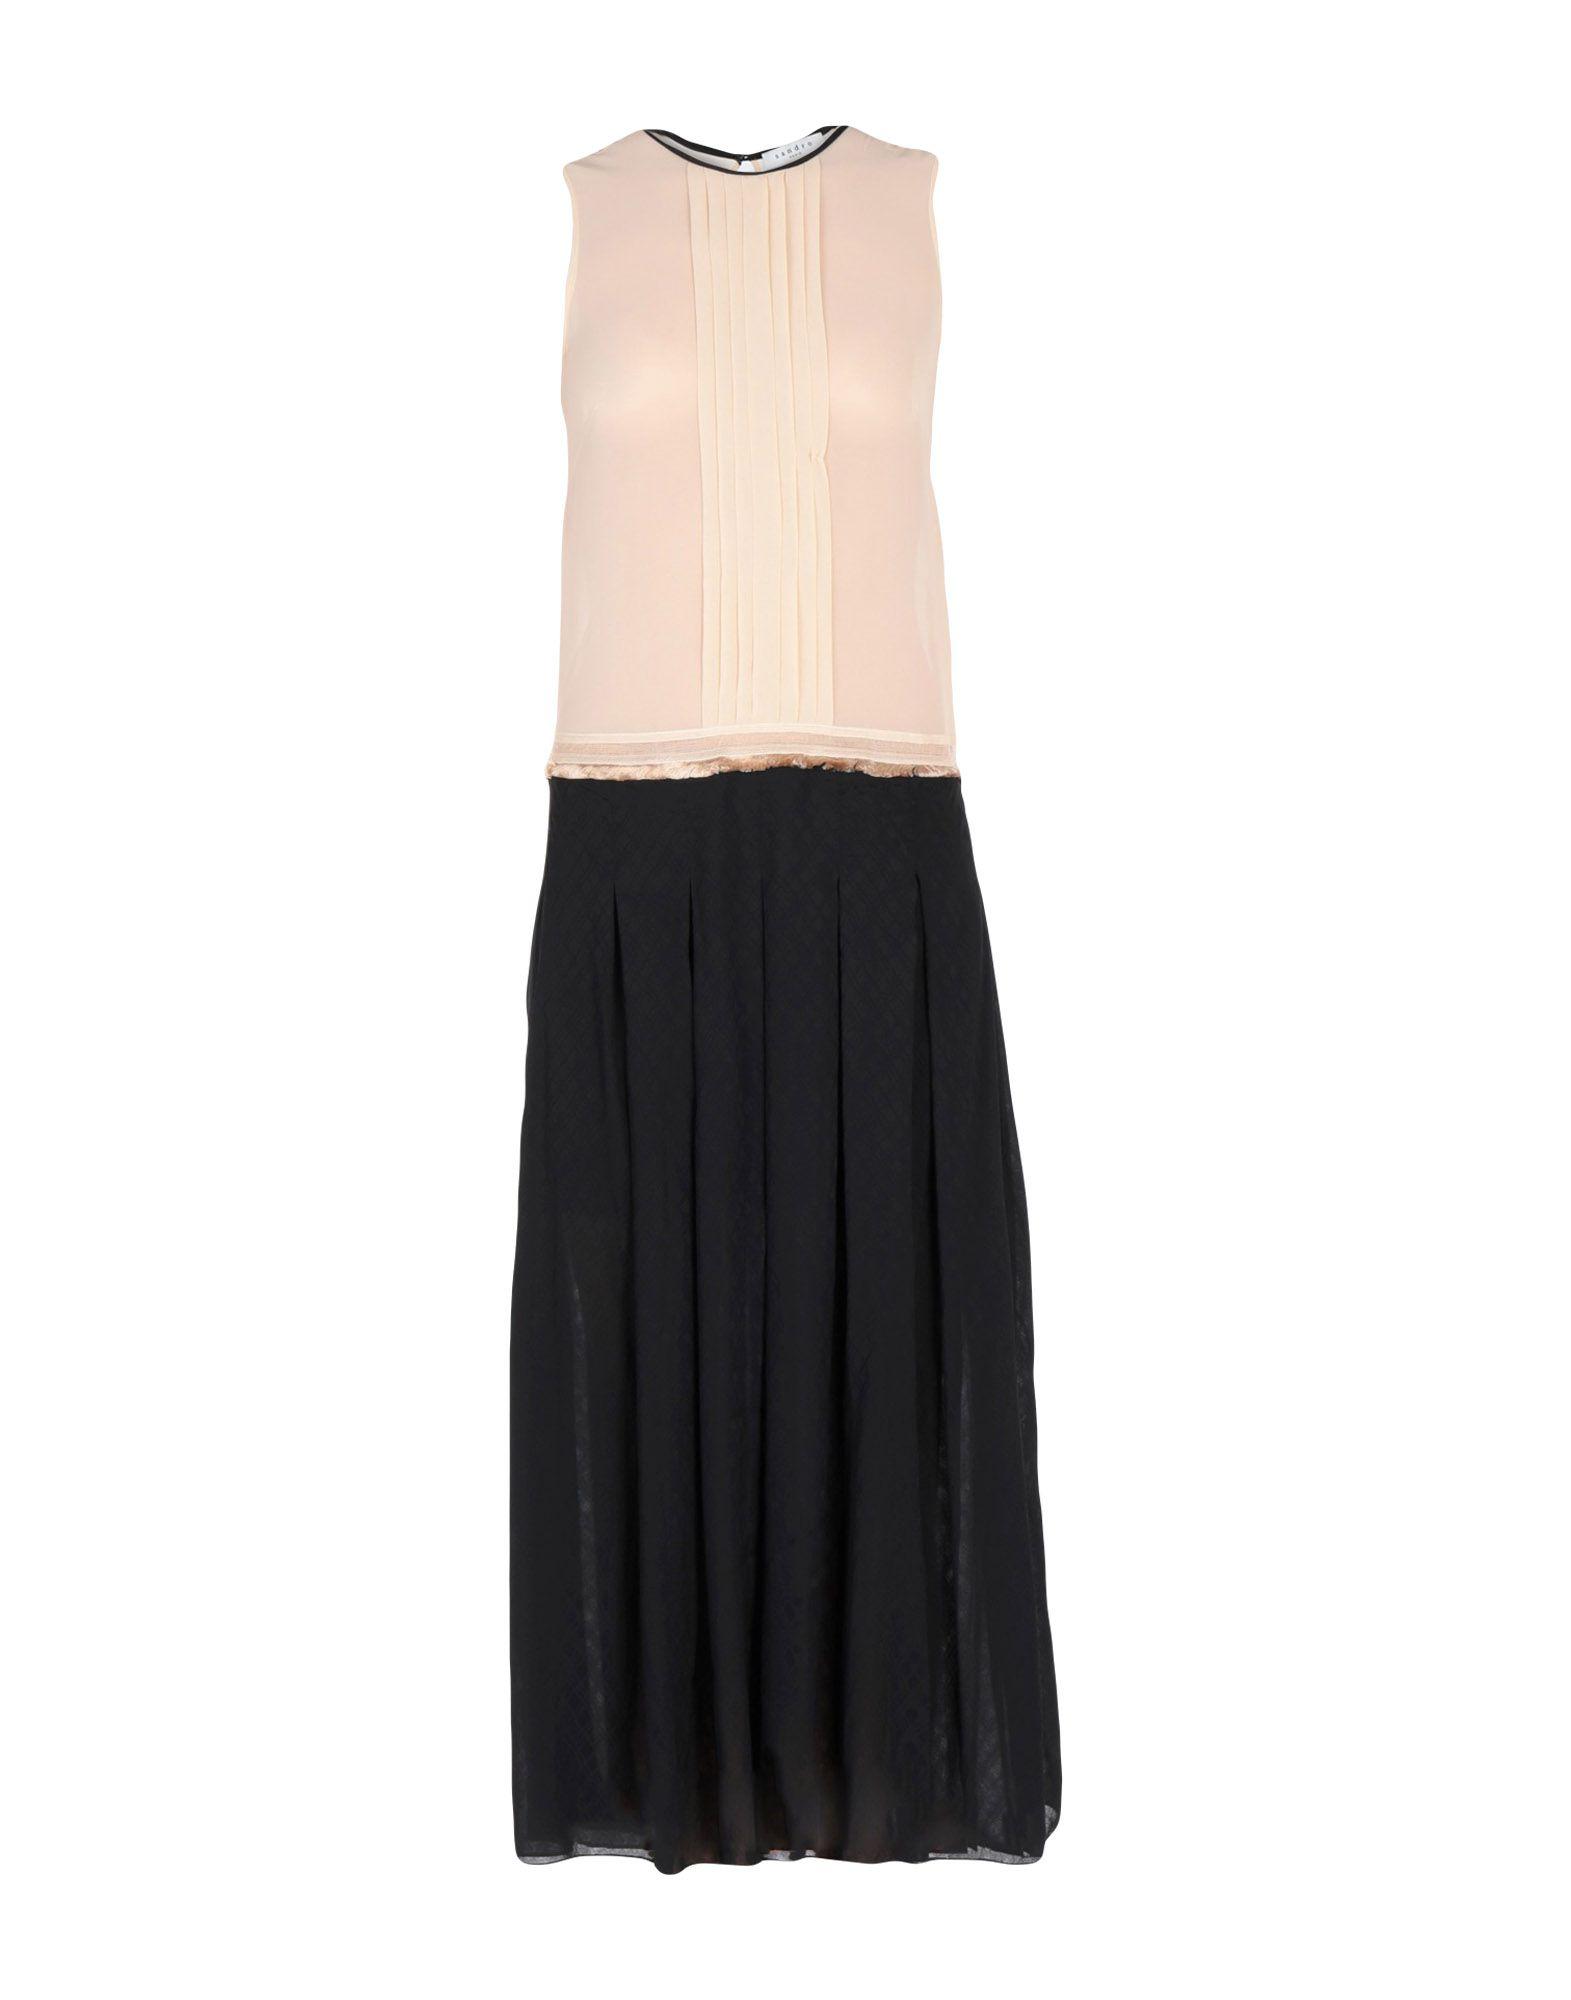 SANDRO Платье длиной 3/4 sandro джинсовая юбка с декоративной шнуровкой page 3